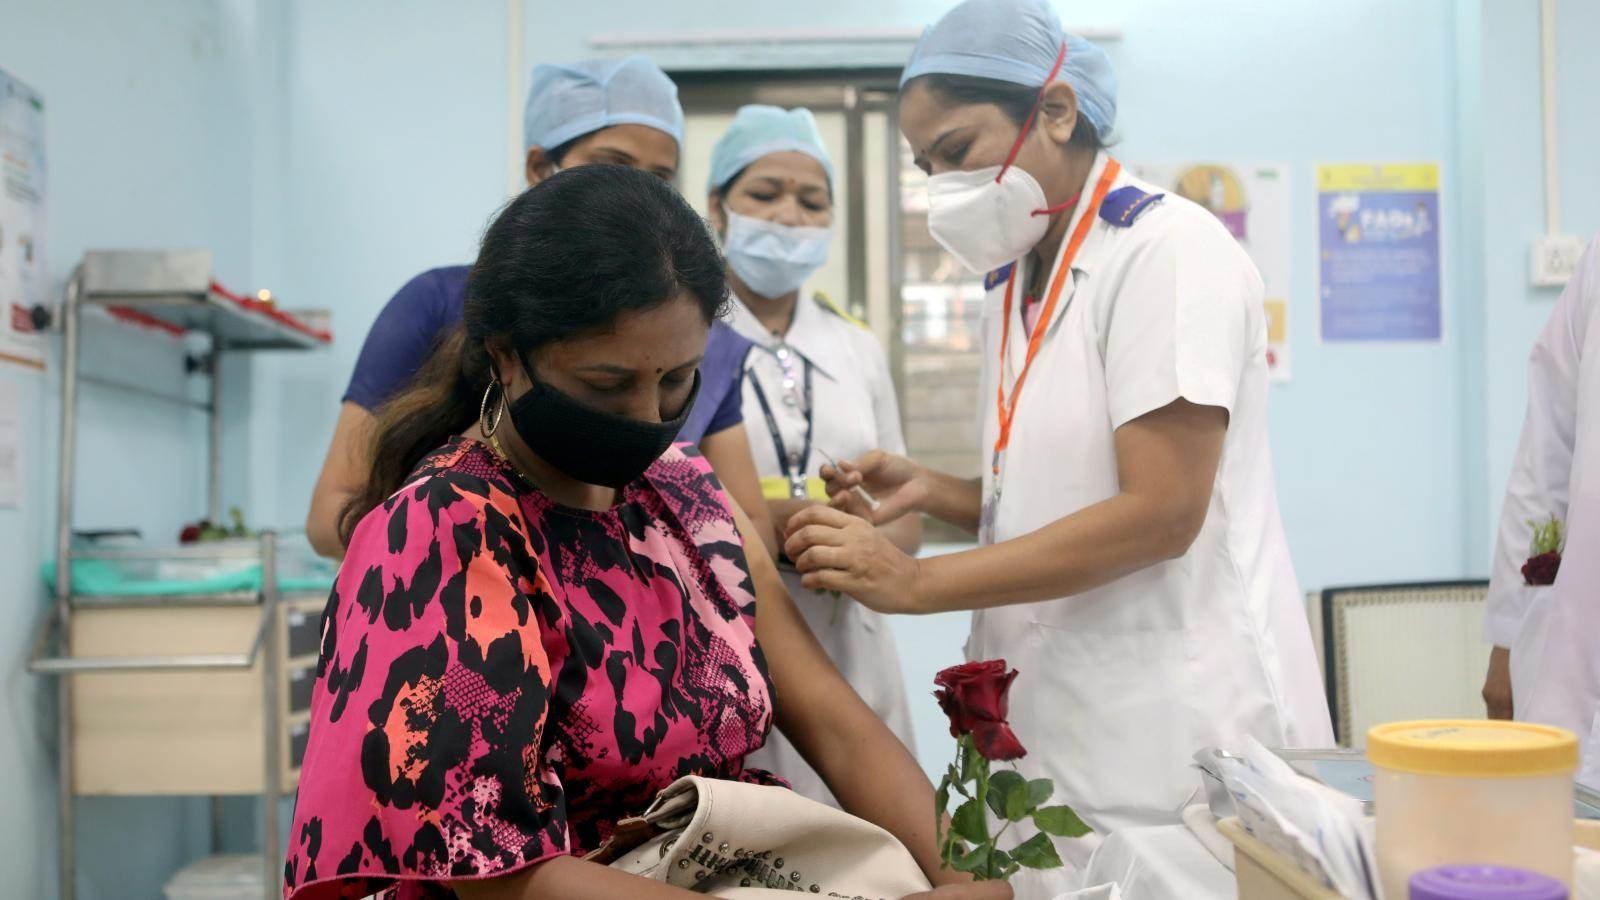 La India informa 30,773 nuevos casos de COVID mientras busca dar la bienvenida a los turistas